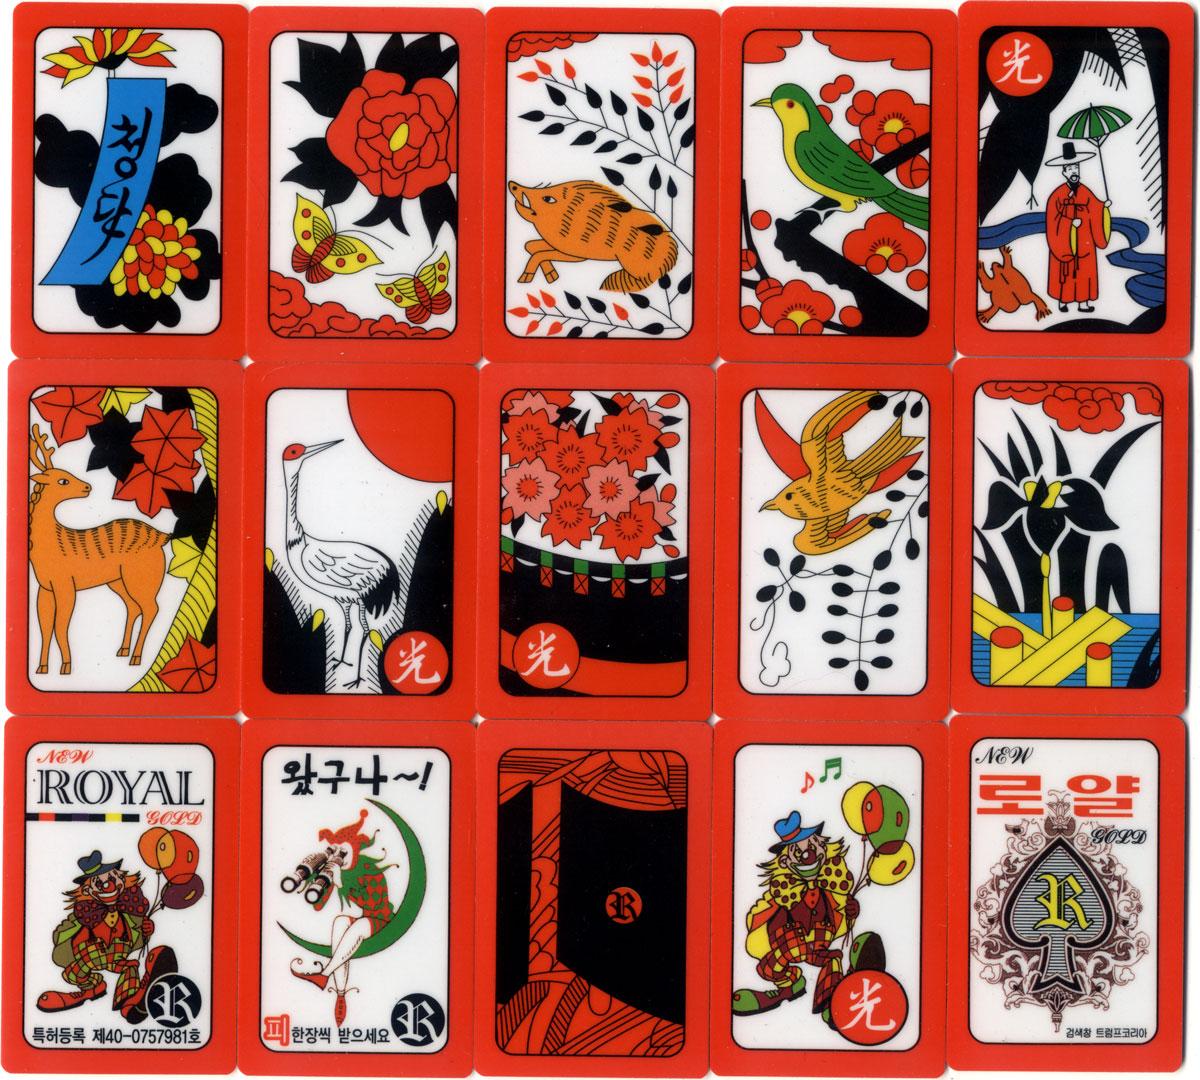 Hwatu cards made in Korea